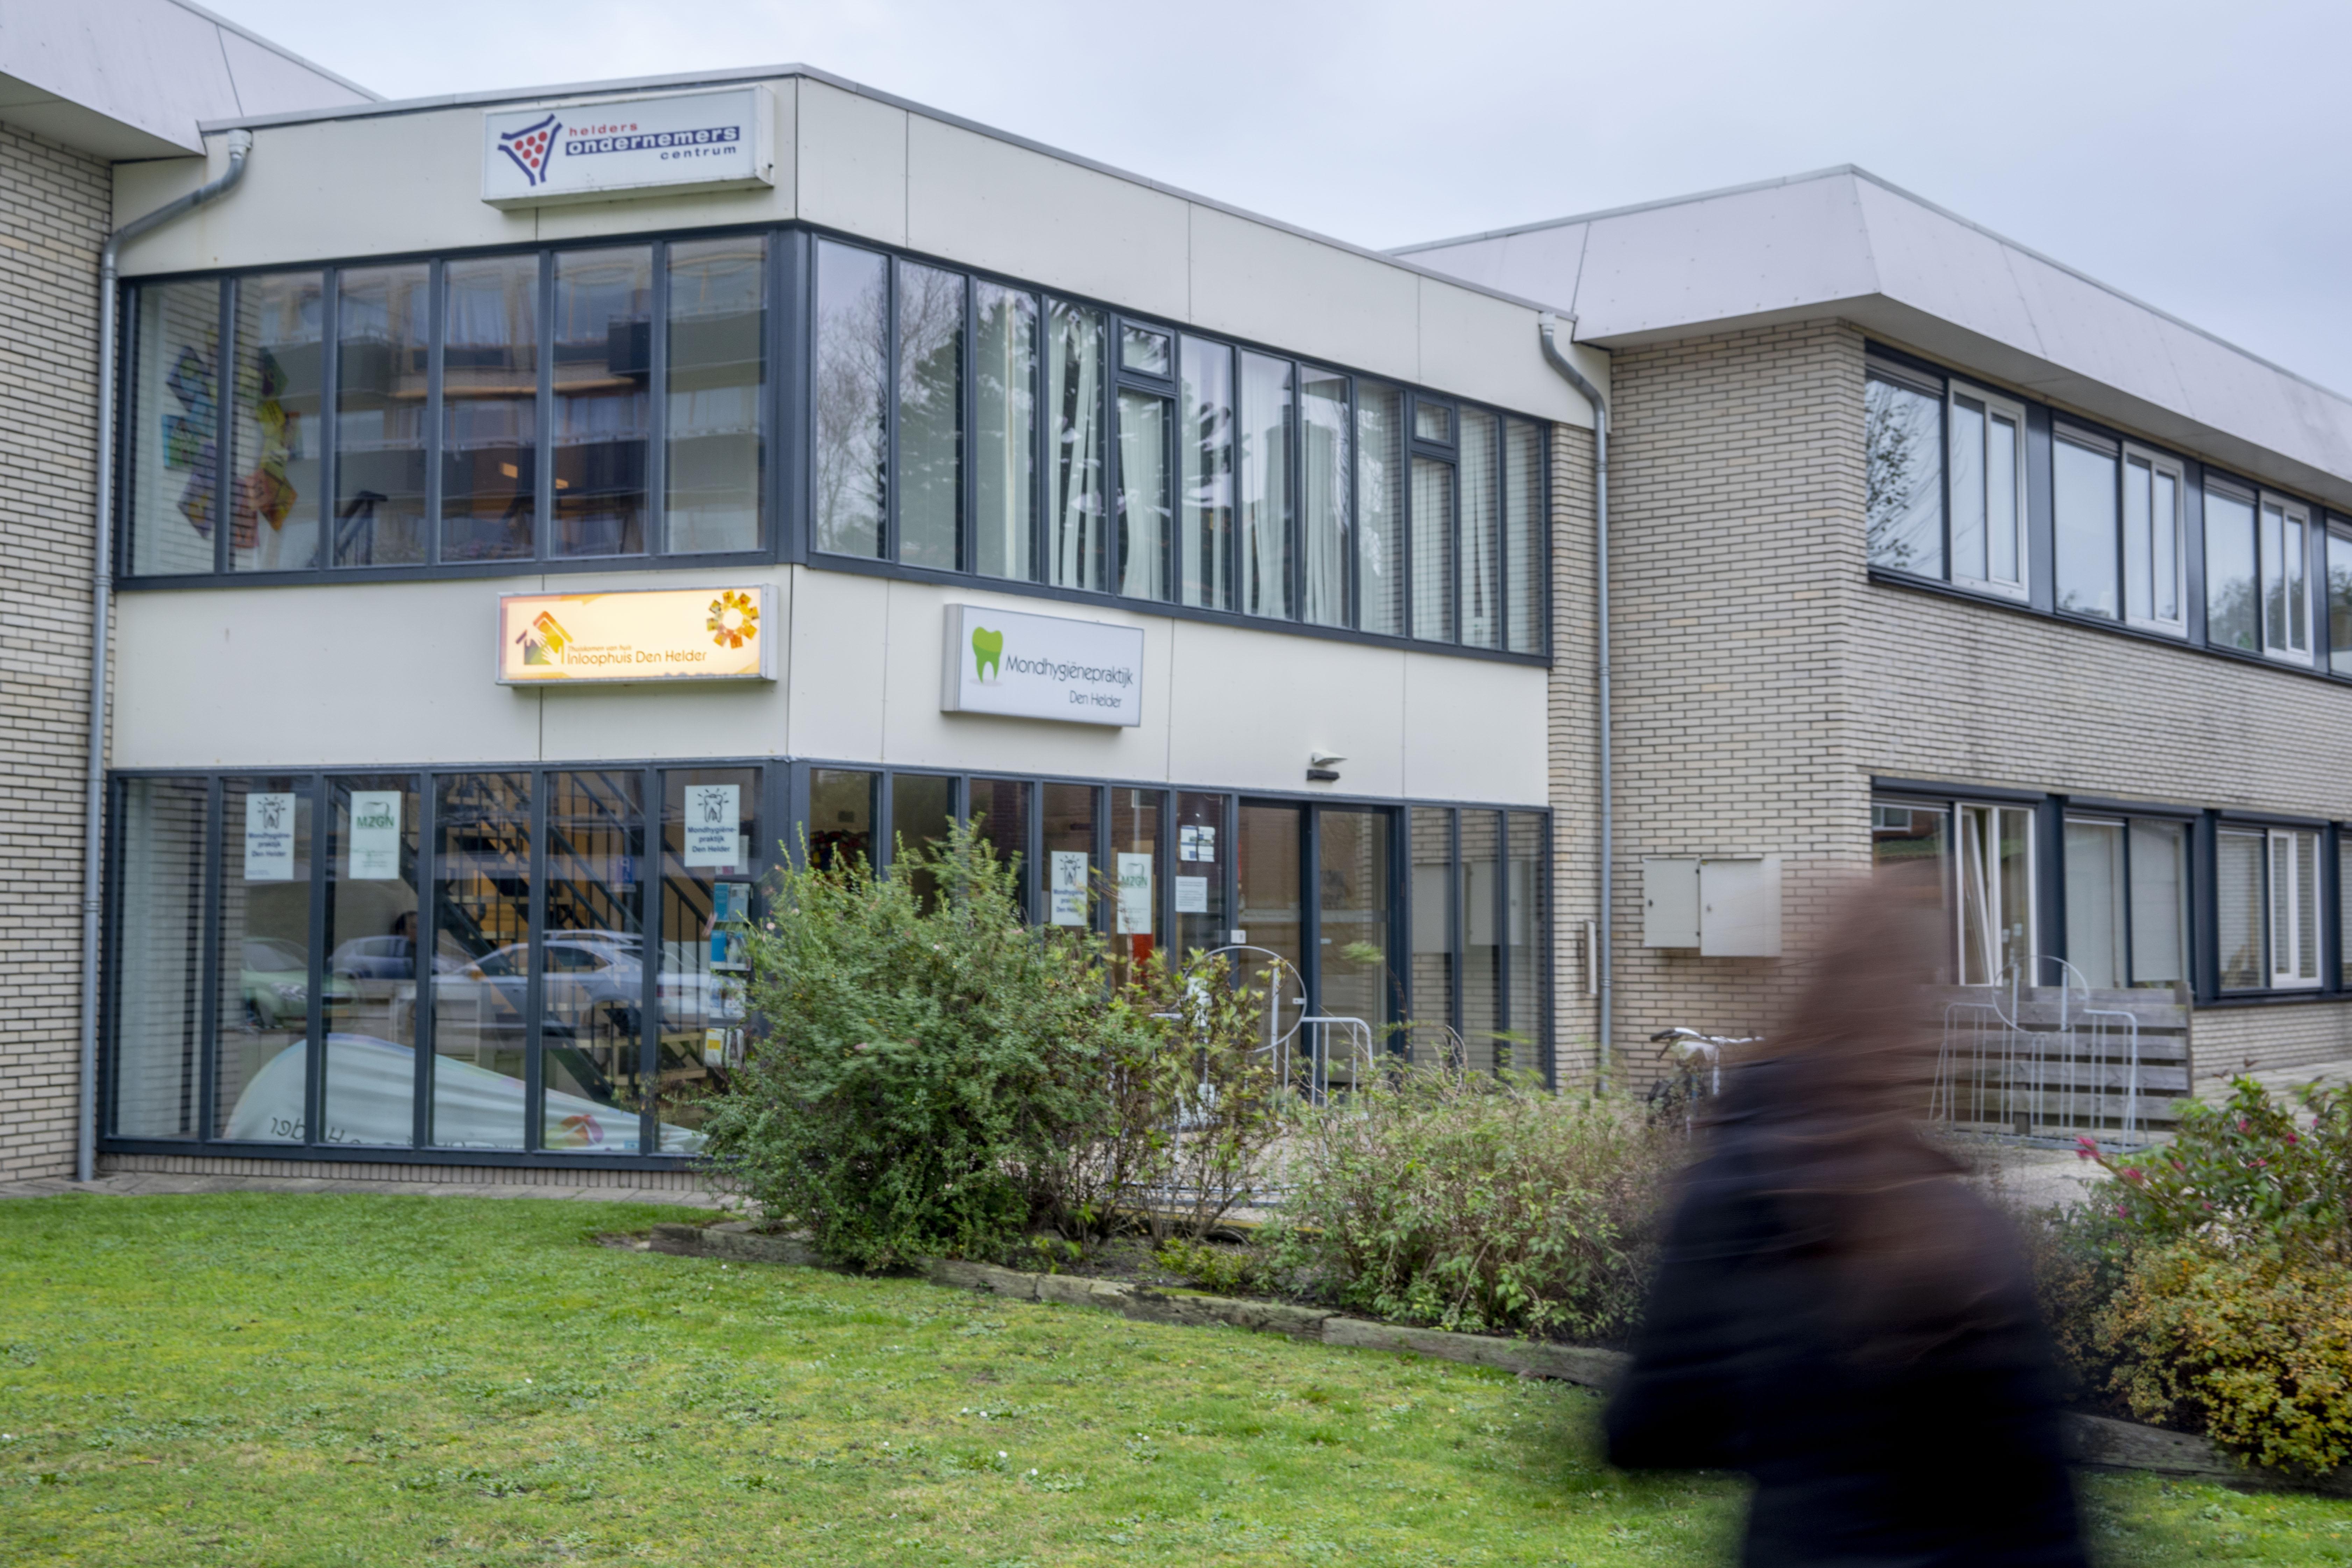 Doneeractie voor Inloophuis Den Helder wil niet vlotten. Nog 9.149 euro nodig